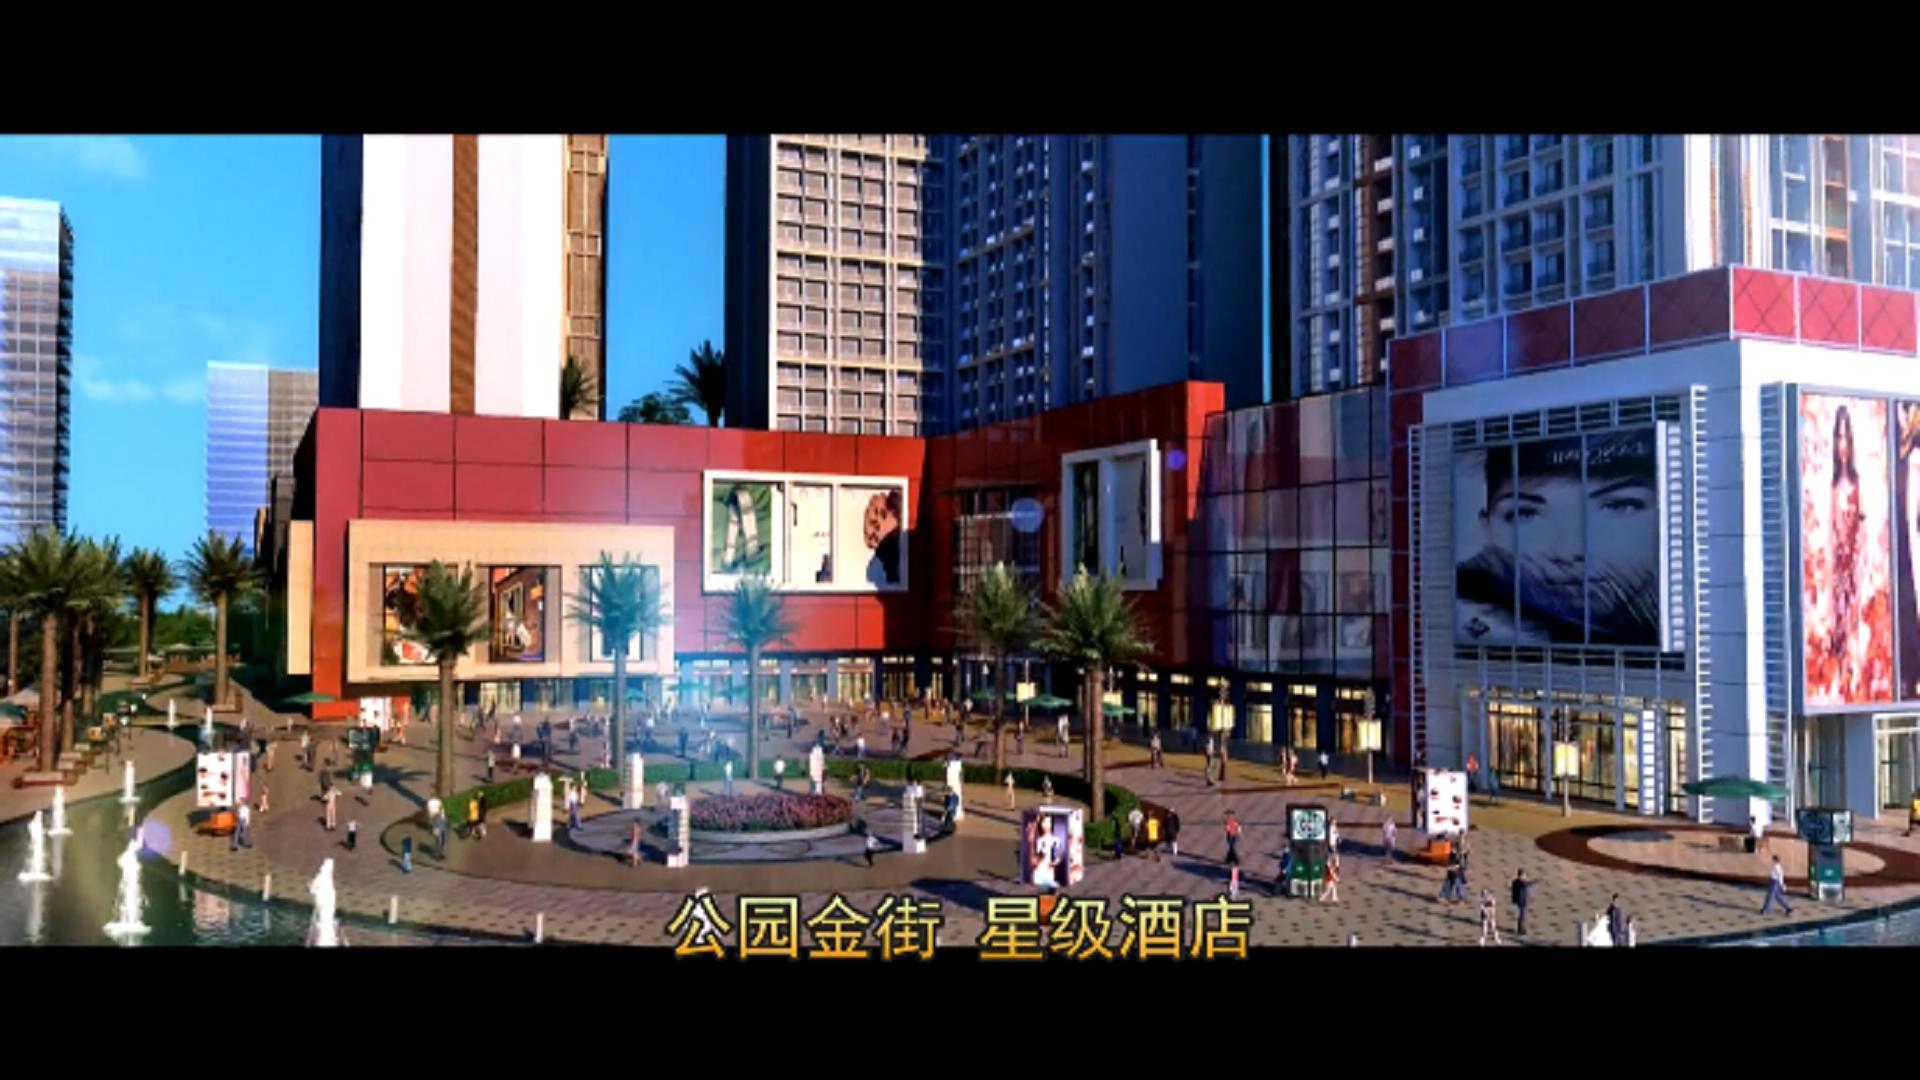 长泰金榜嘉园:城央奢阔观邸·国际优智社区